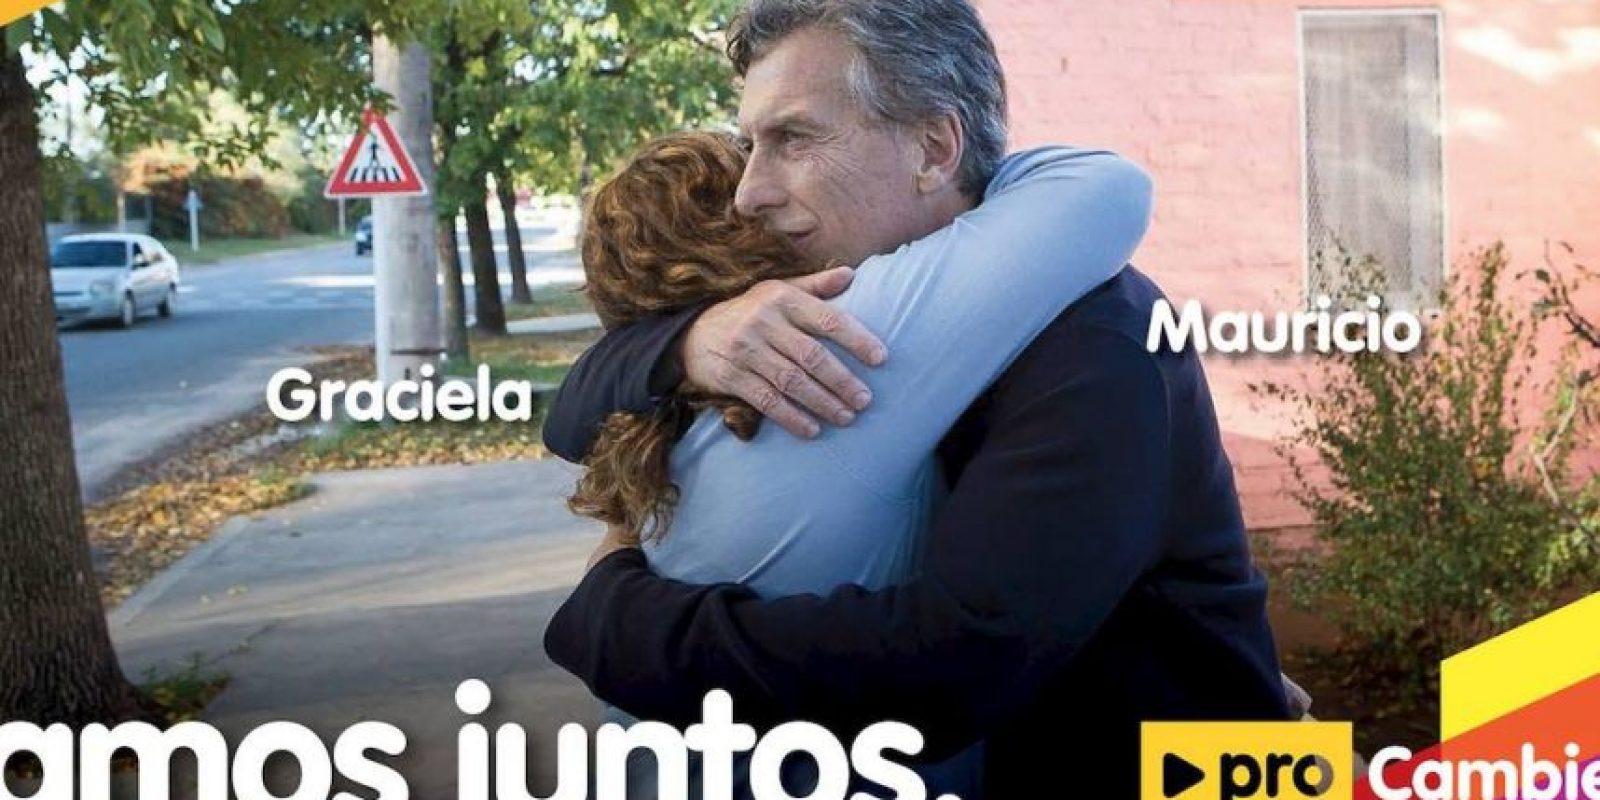 1. Mauricio Macri, del partido Propuesta Republicana Foto:Facebook.com/mauriciomacri